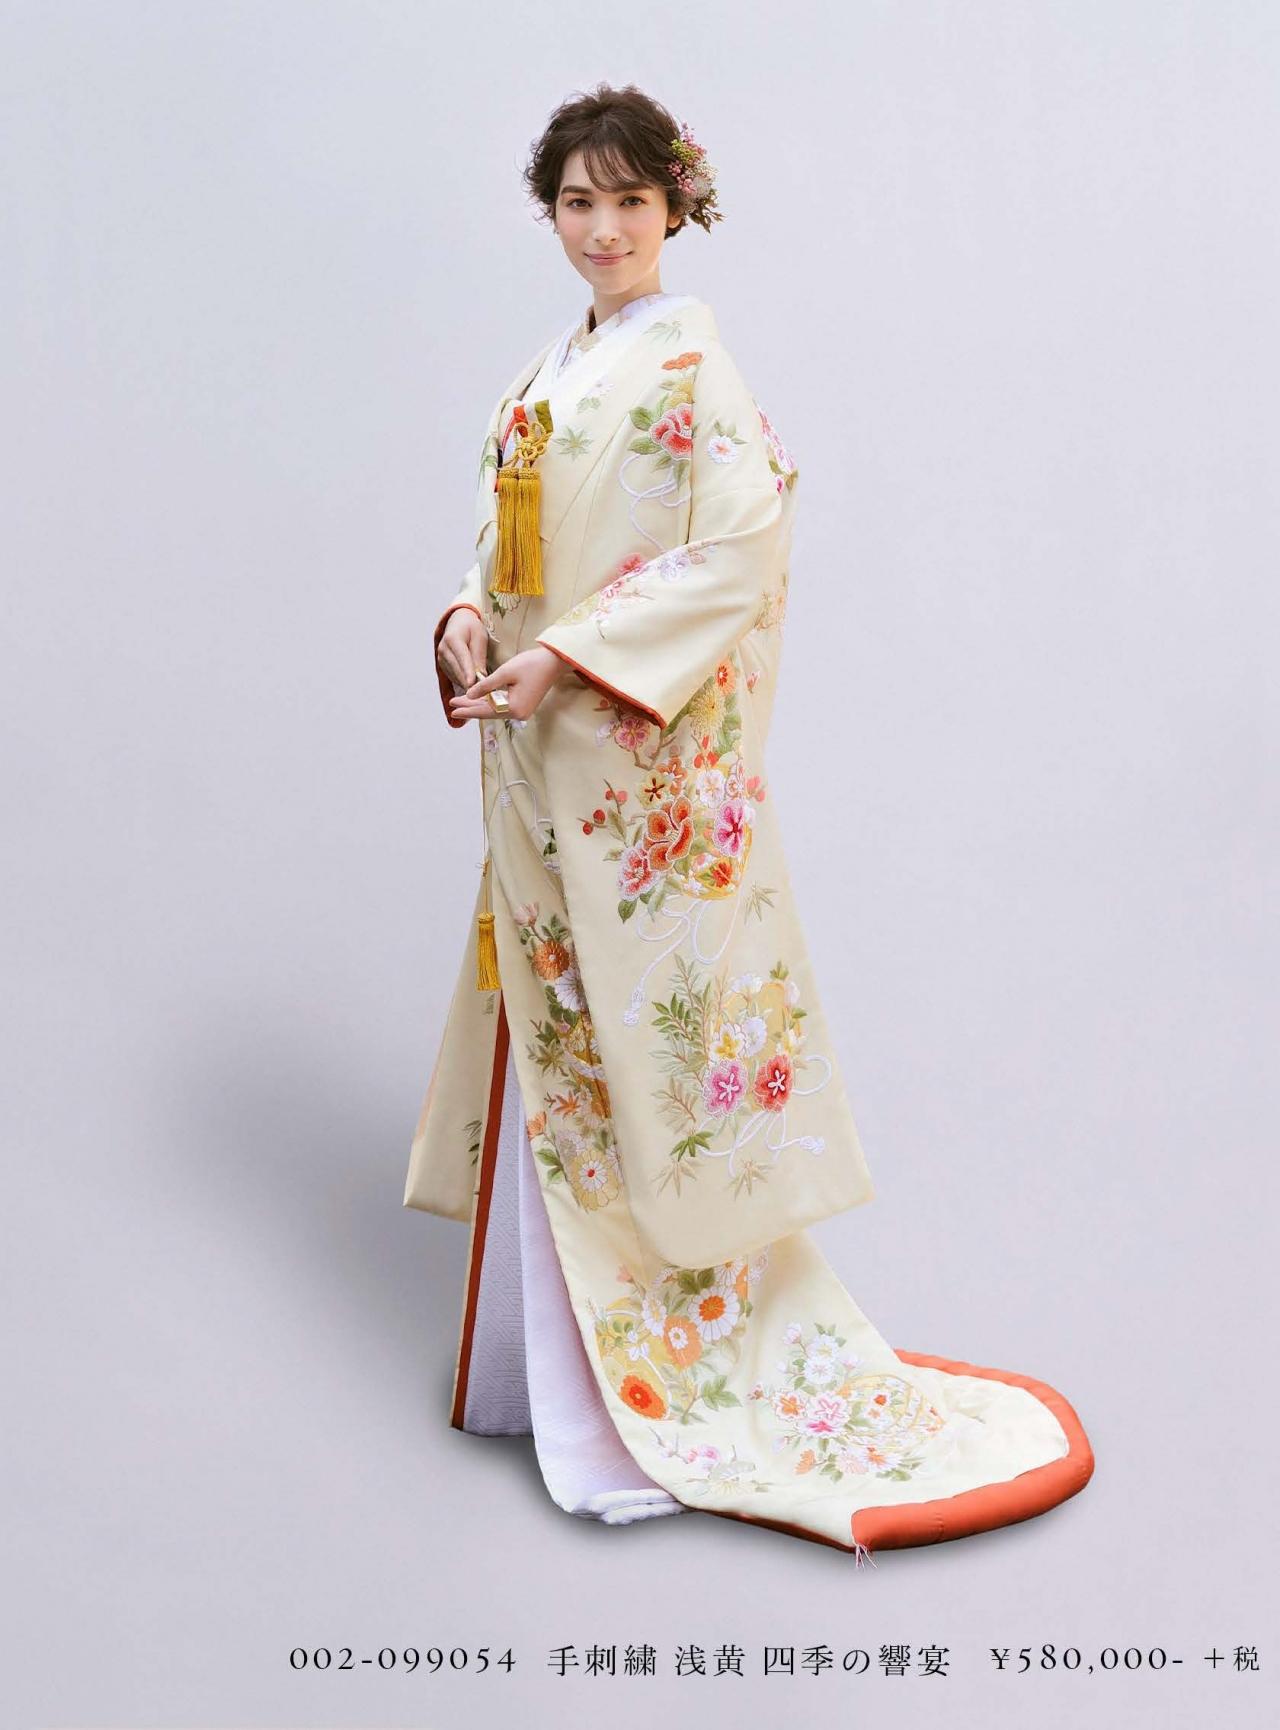 手刺繍 浅黄 四季の饗宴(てししゅう うすき しきのきょうえん)